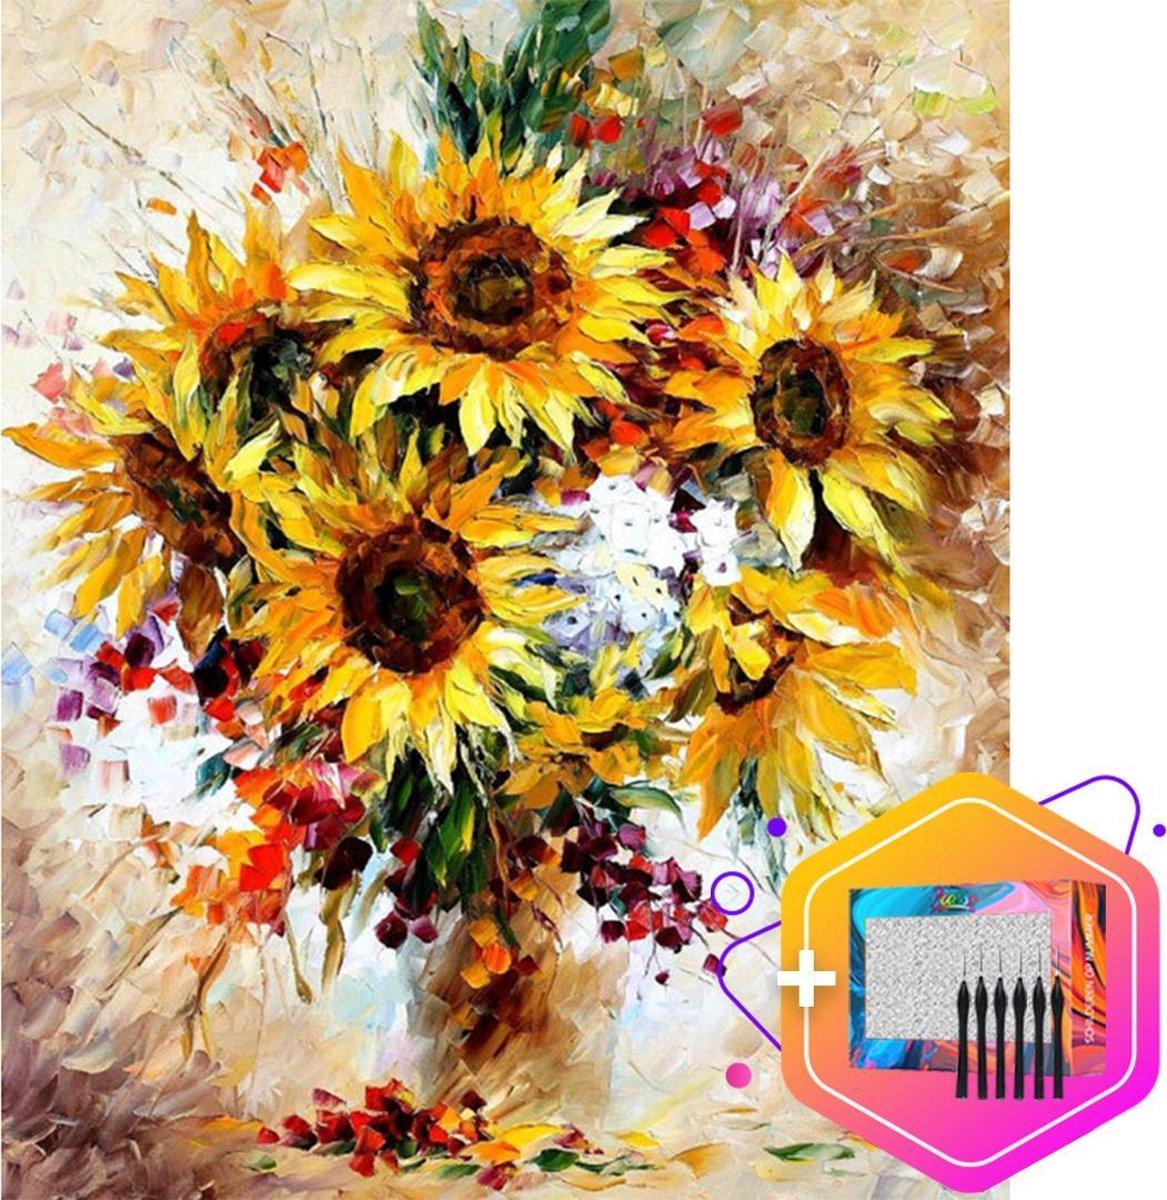 Pcasso ® Wilde Bloemen - Schilderen Op Nummer - Incl. 6 Ergonomische Penselen En Geschenkverpakking - Schilderen Op Nummer Volwassenen - Canvas Schilderdoek - Kleuren Op Nummer - 40x50 cm